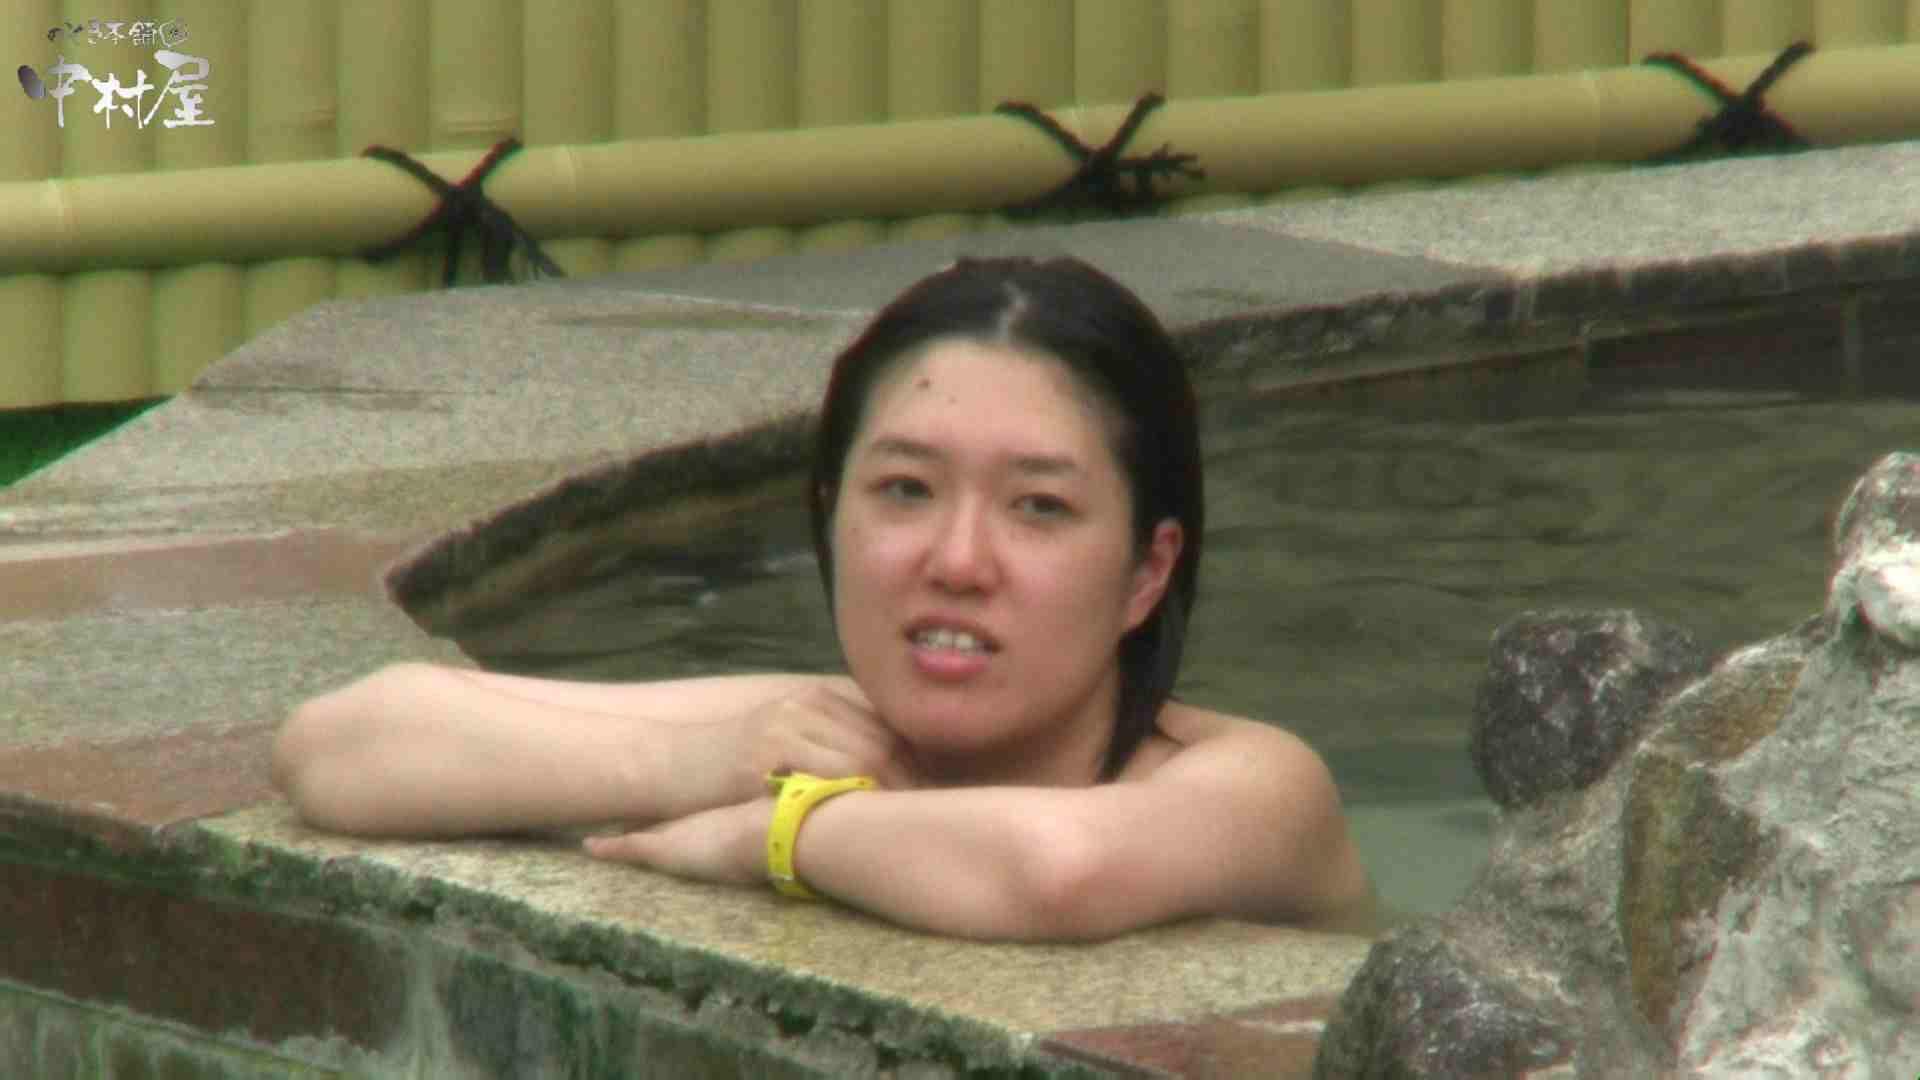 Aquaな露天風呂Vol.946 盗撮   OLすけべ画像  95連発 55